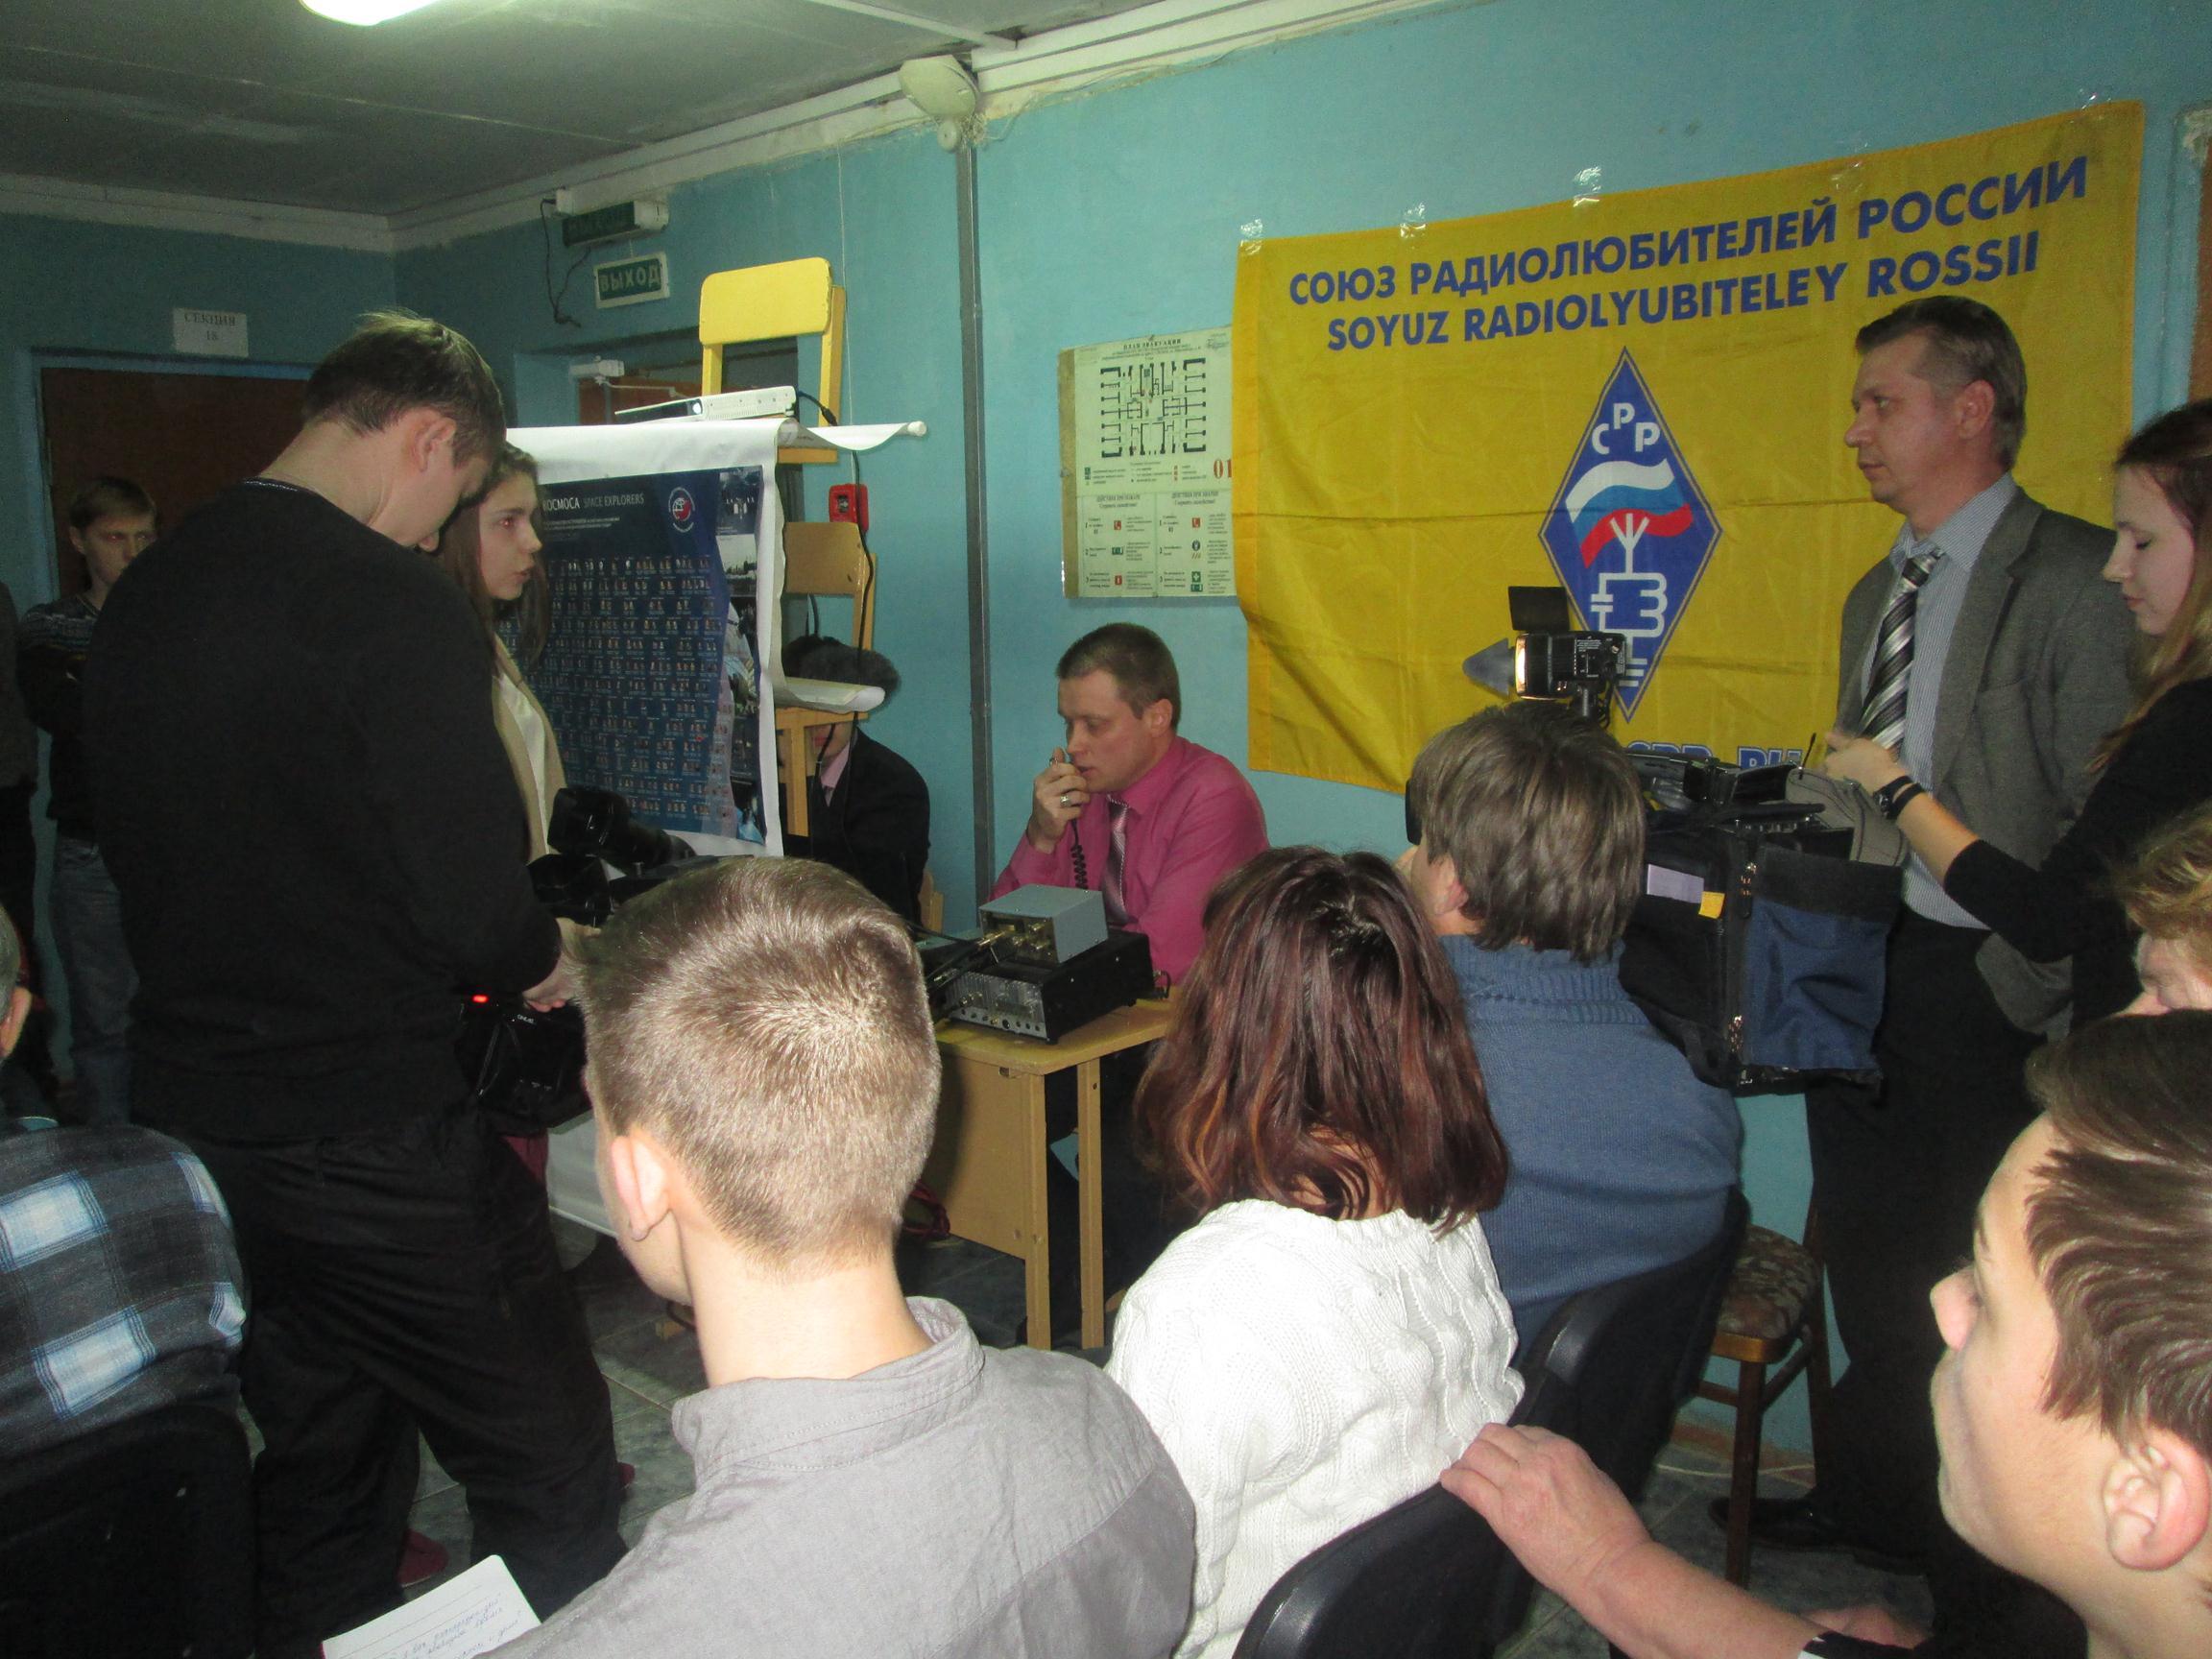 Радиосвязь студентов Вологодского колледжа (RK1QWX) и школьников дворца творчества